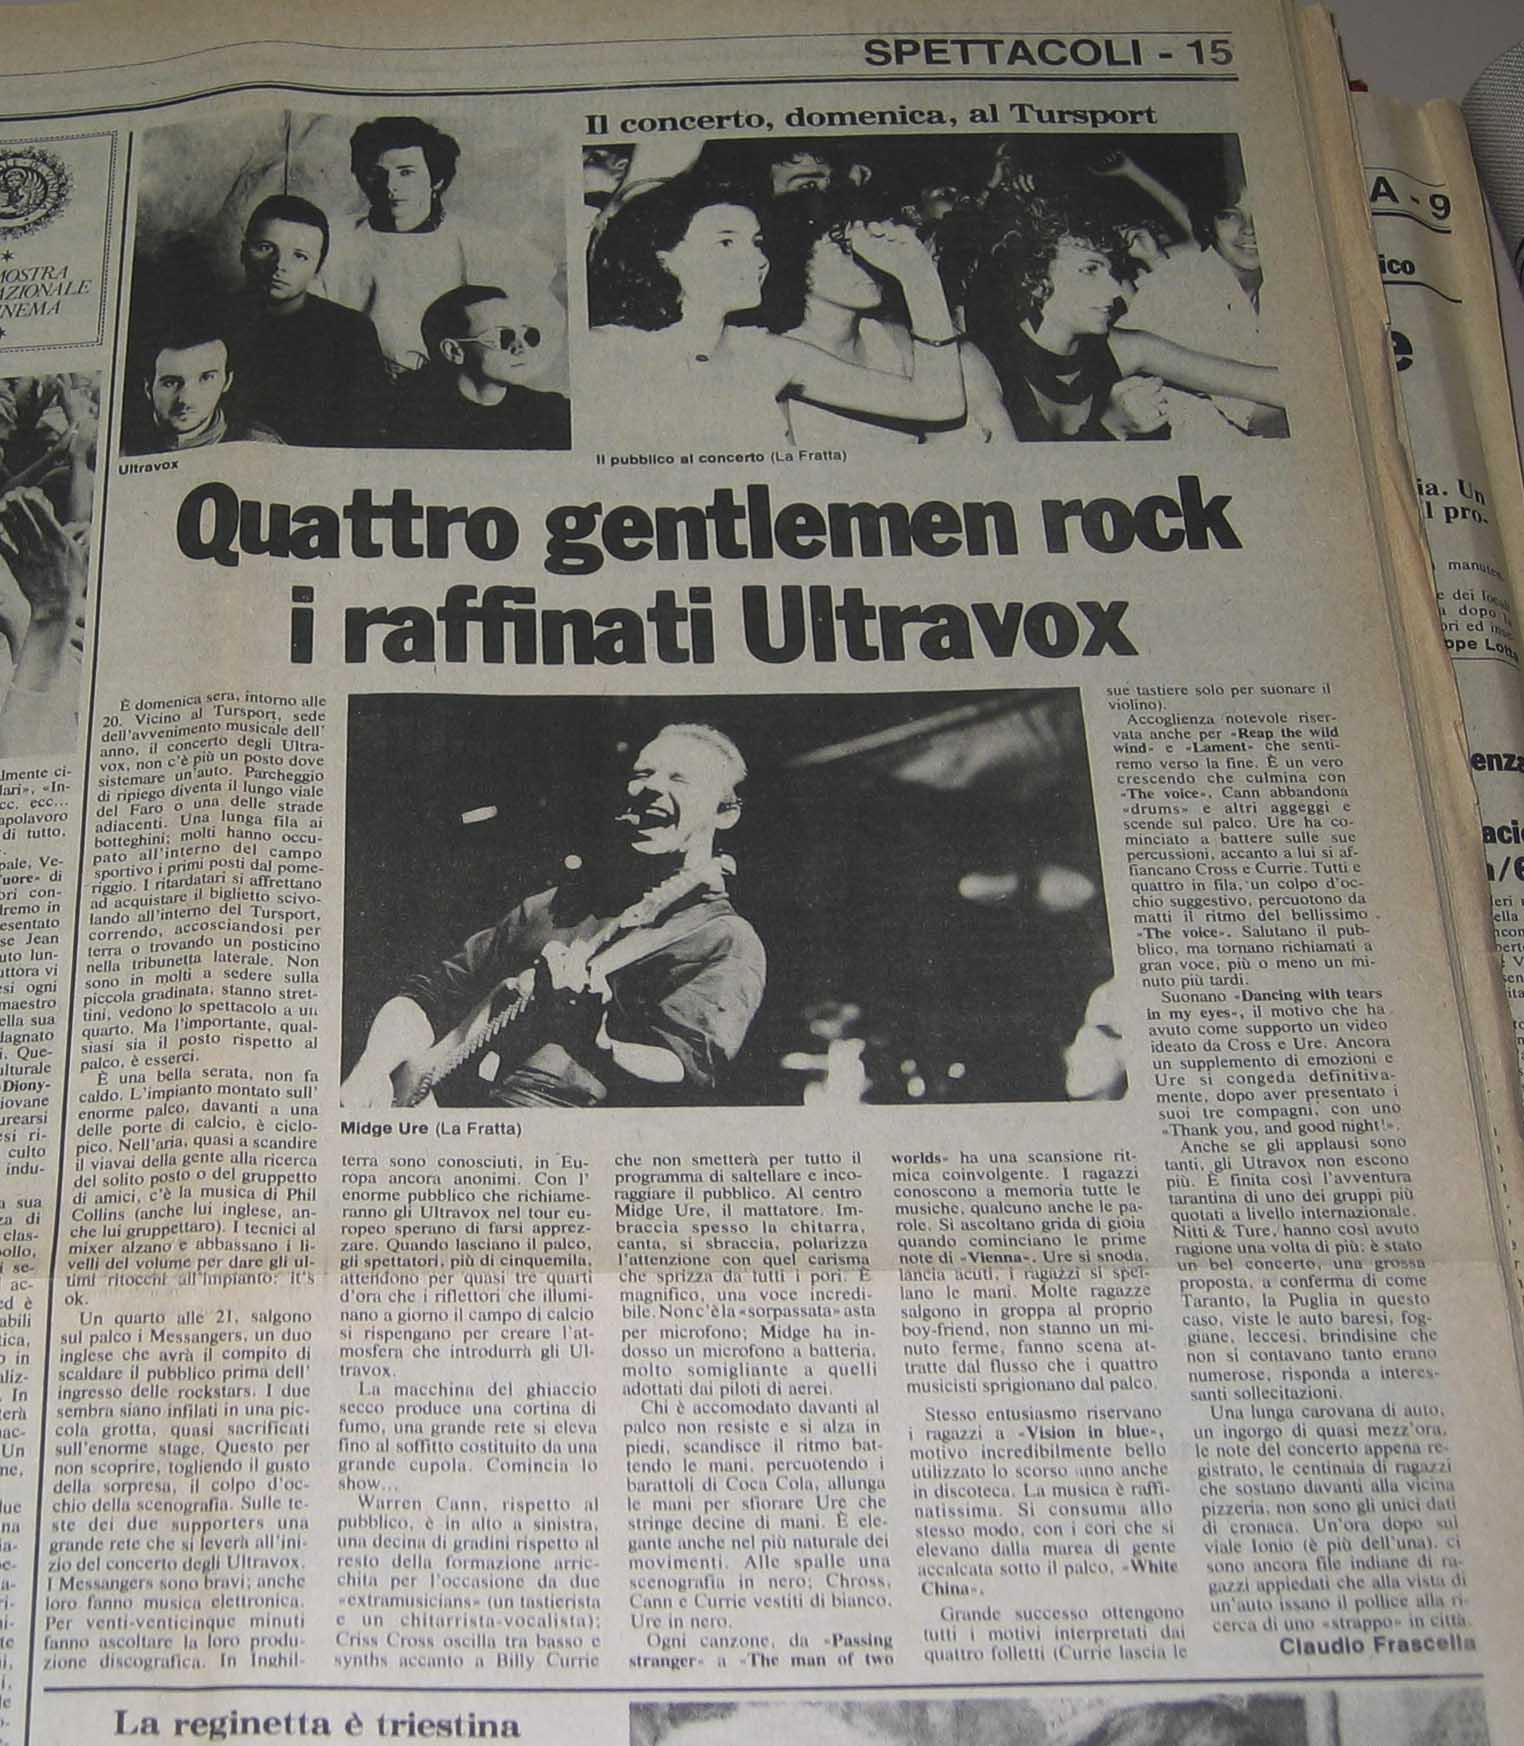 04.09.1984. Quattro gentleman rock i raffinati Ultravox